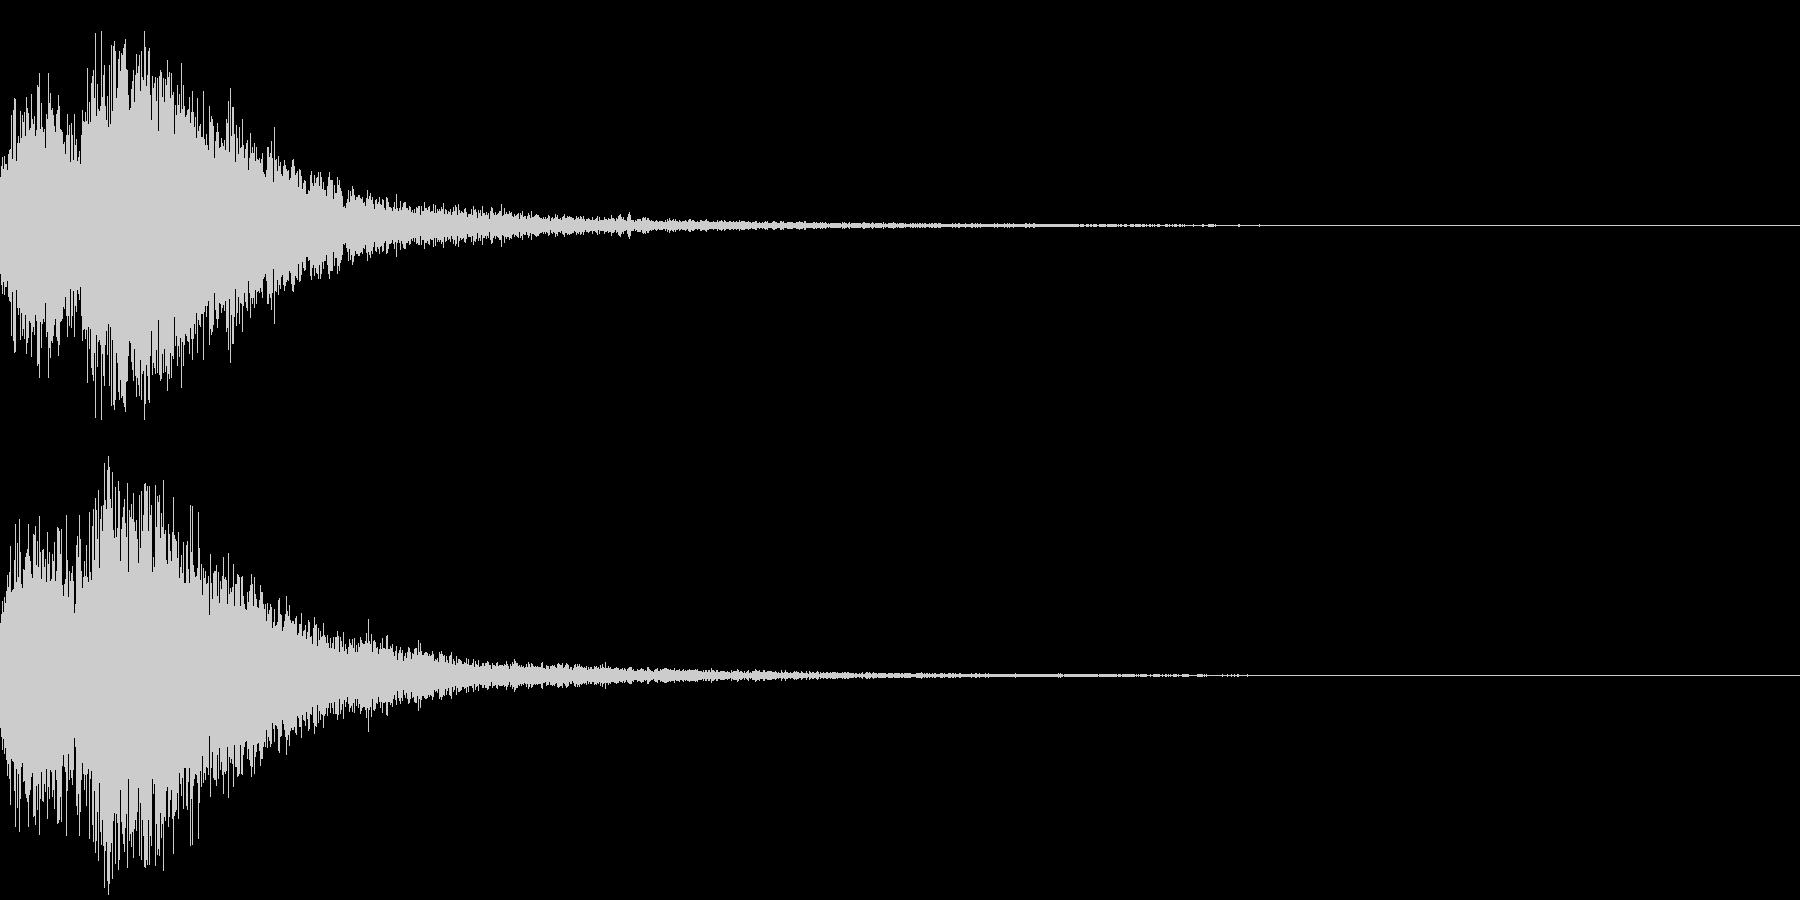 オーケストラヒット ジングル! 02+の未再生の波形